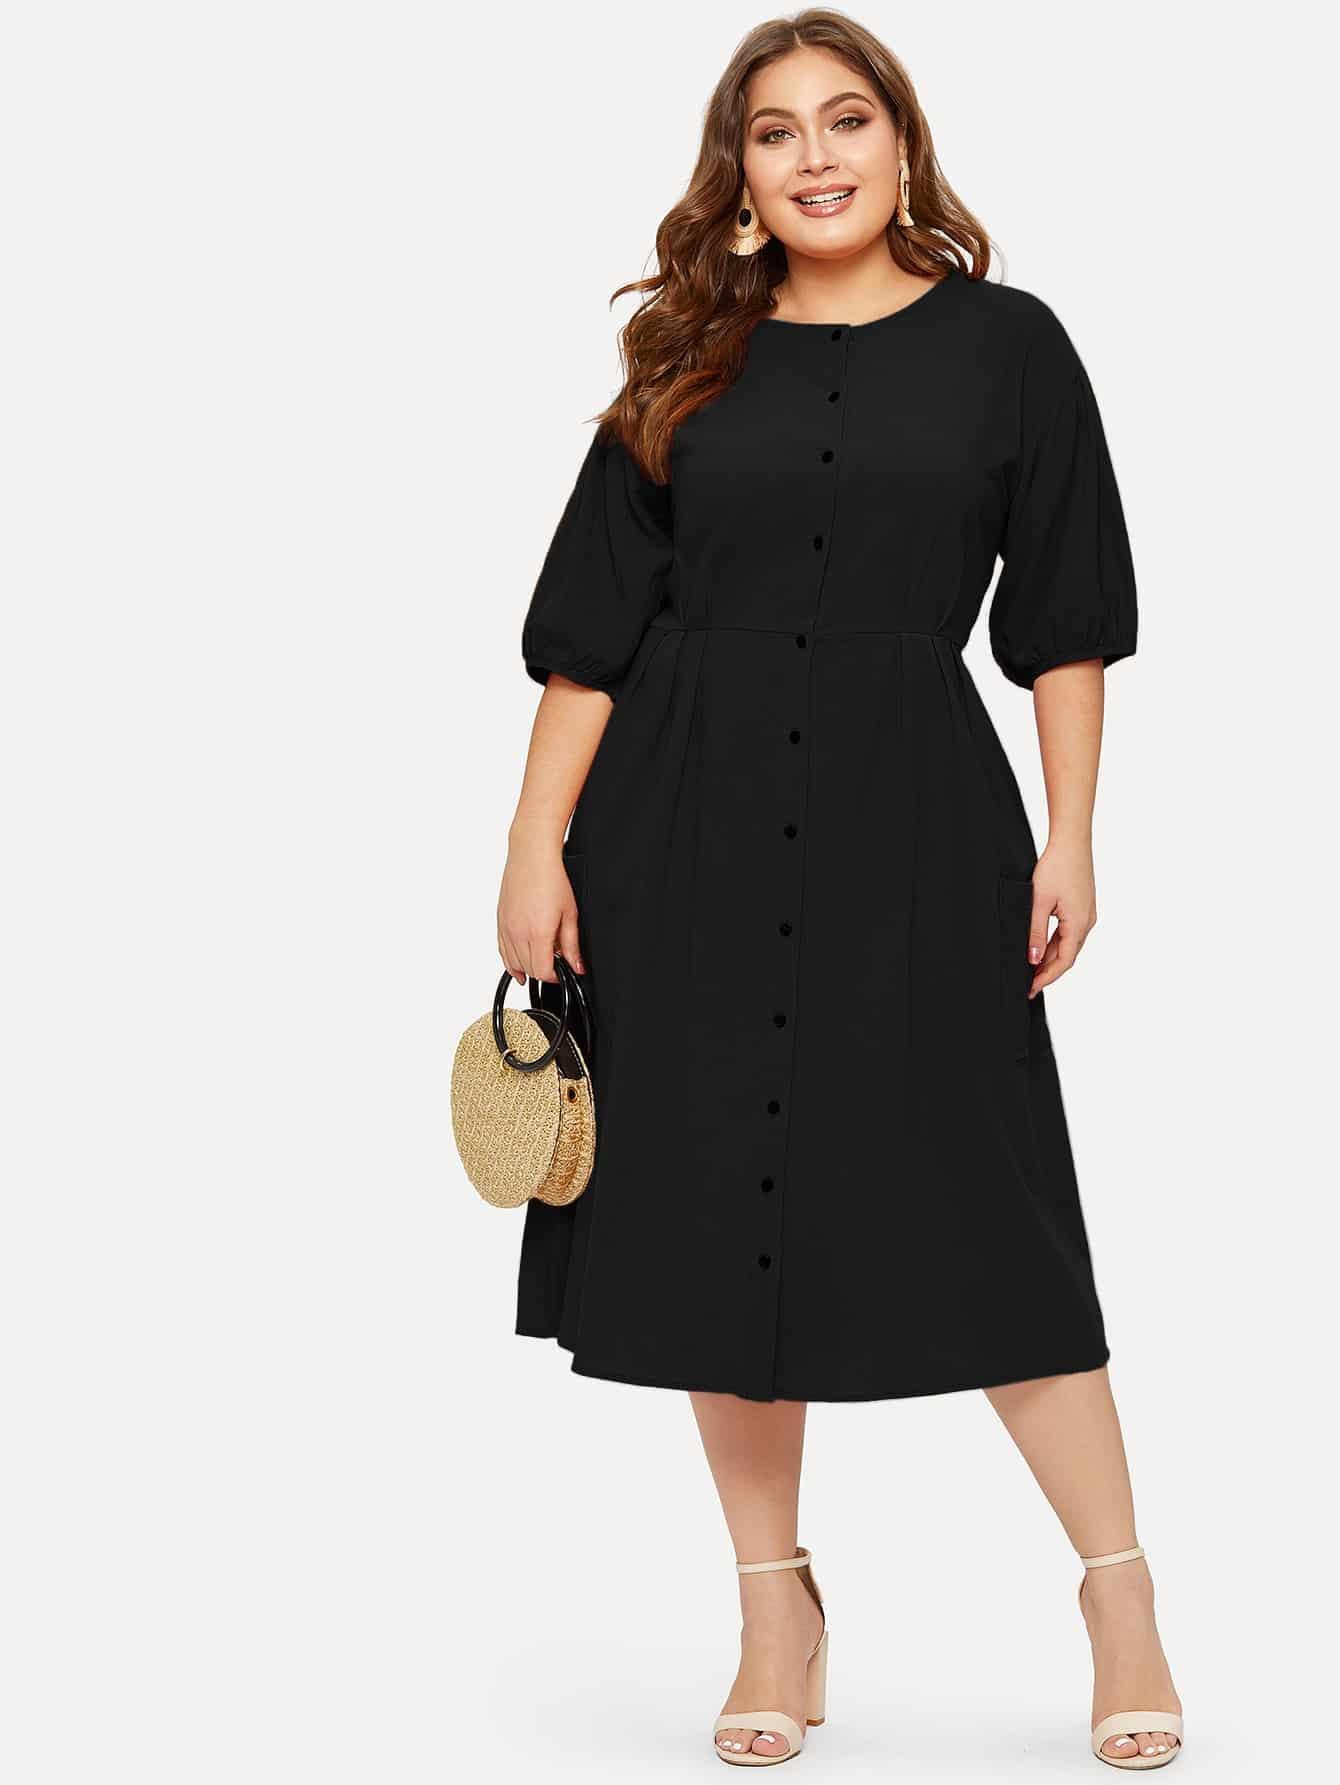 Фото - Платье-рубашка размера плюс с пуговицами от SheIn цвет чёрные